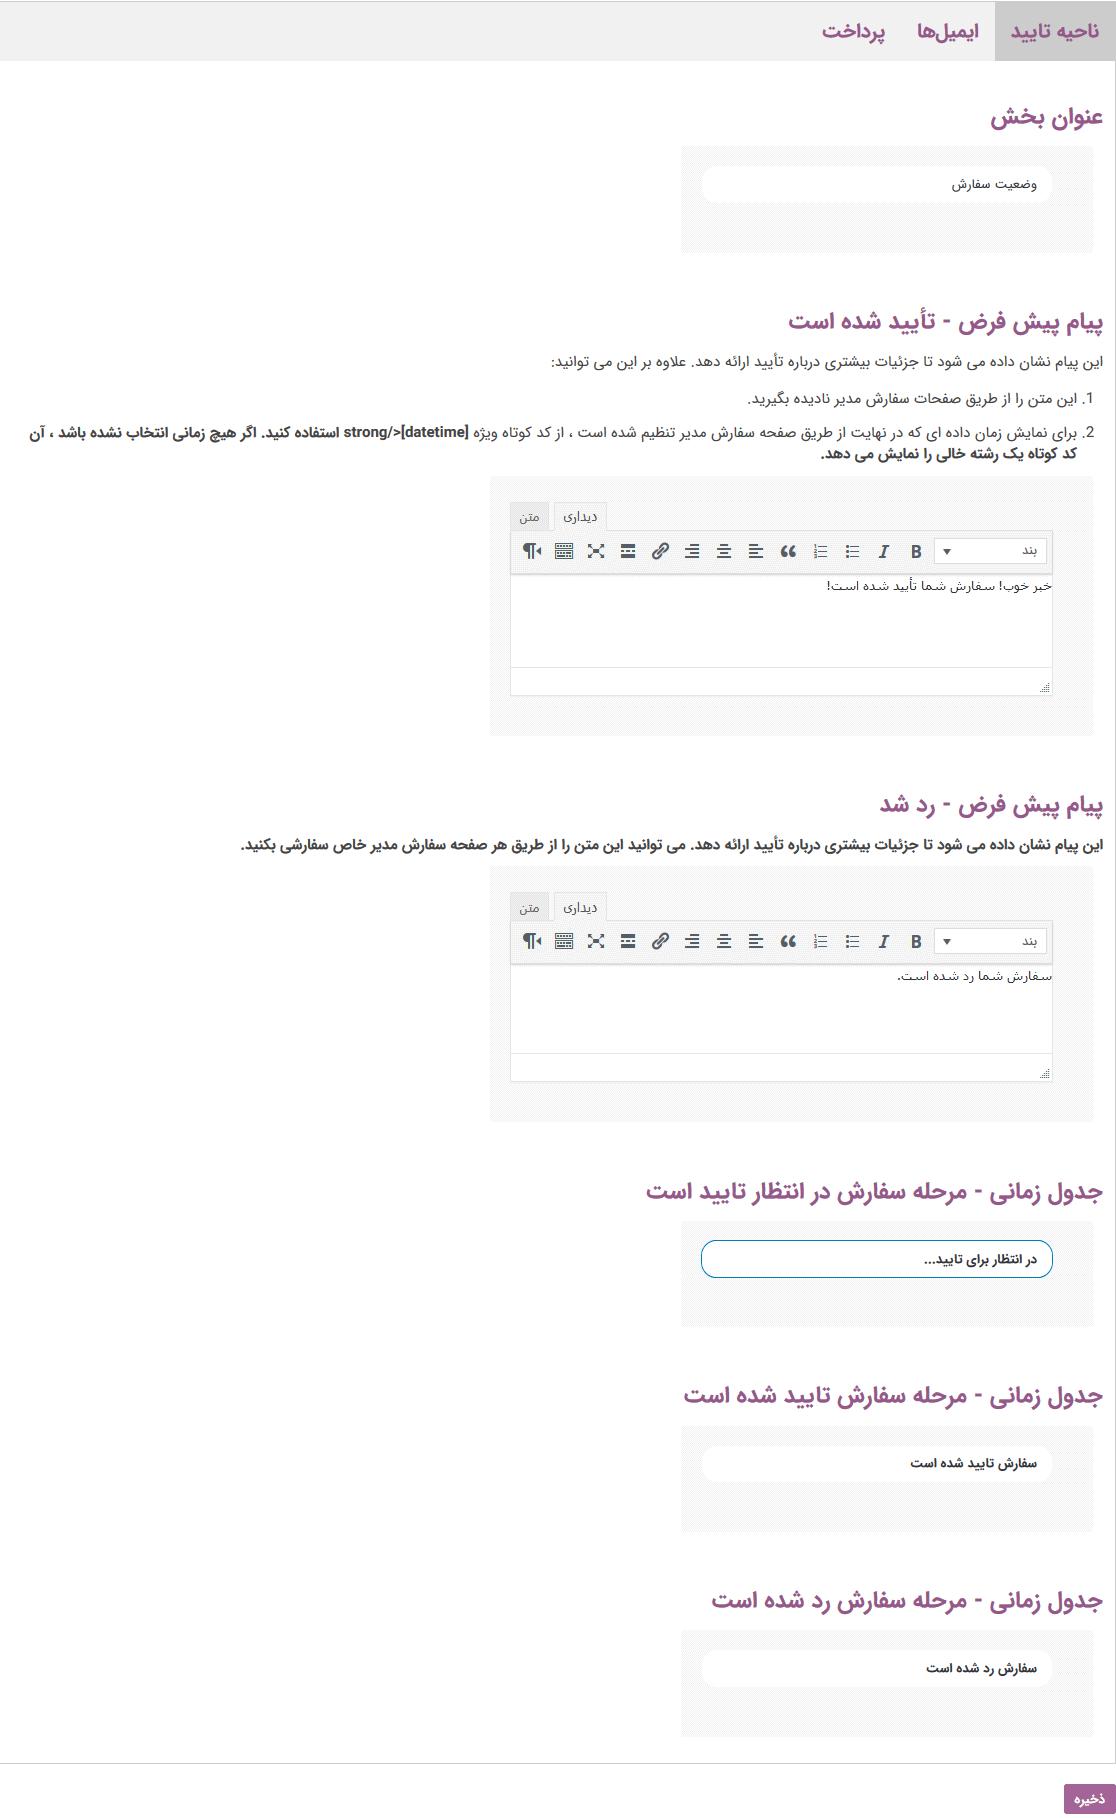 سفارشی سازی متن های منطقه تایید سفارش با افزونه WooCommerce Order Approval